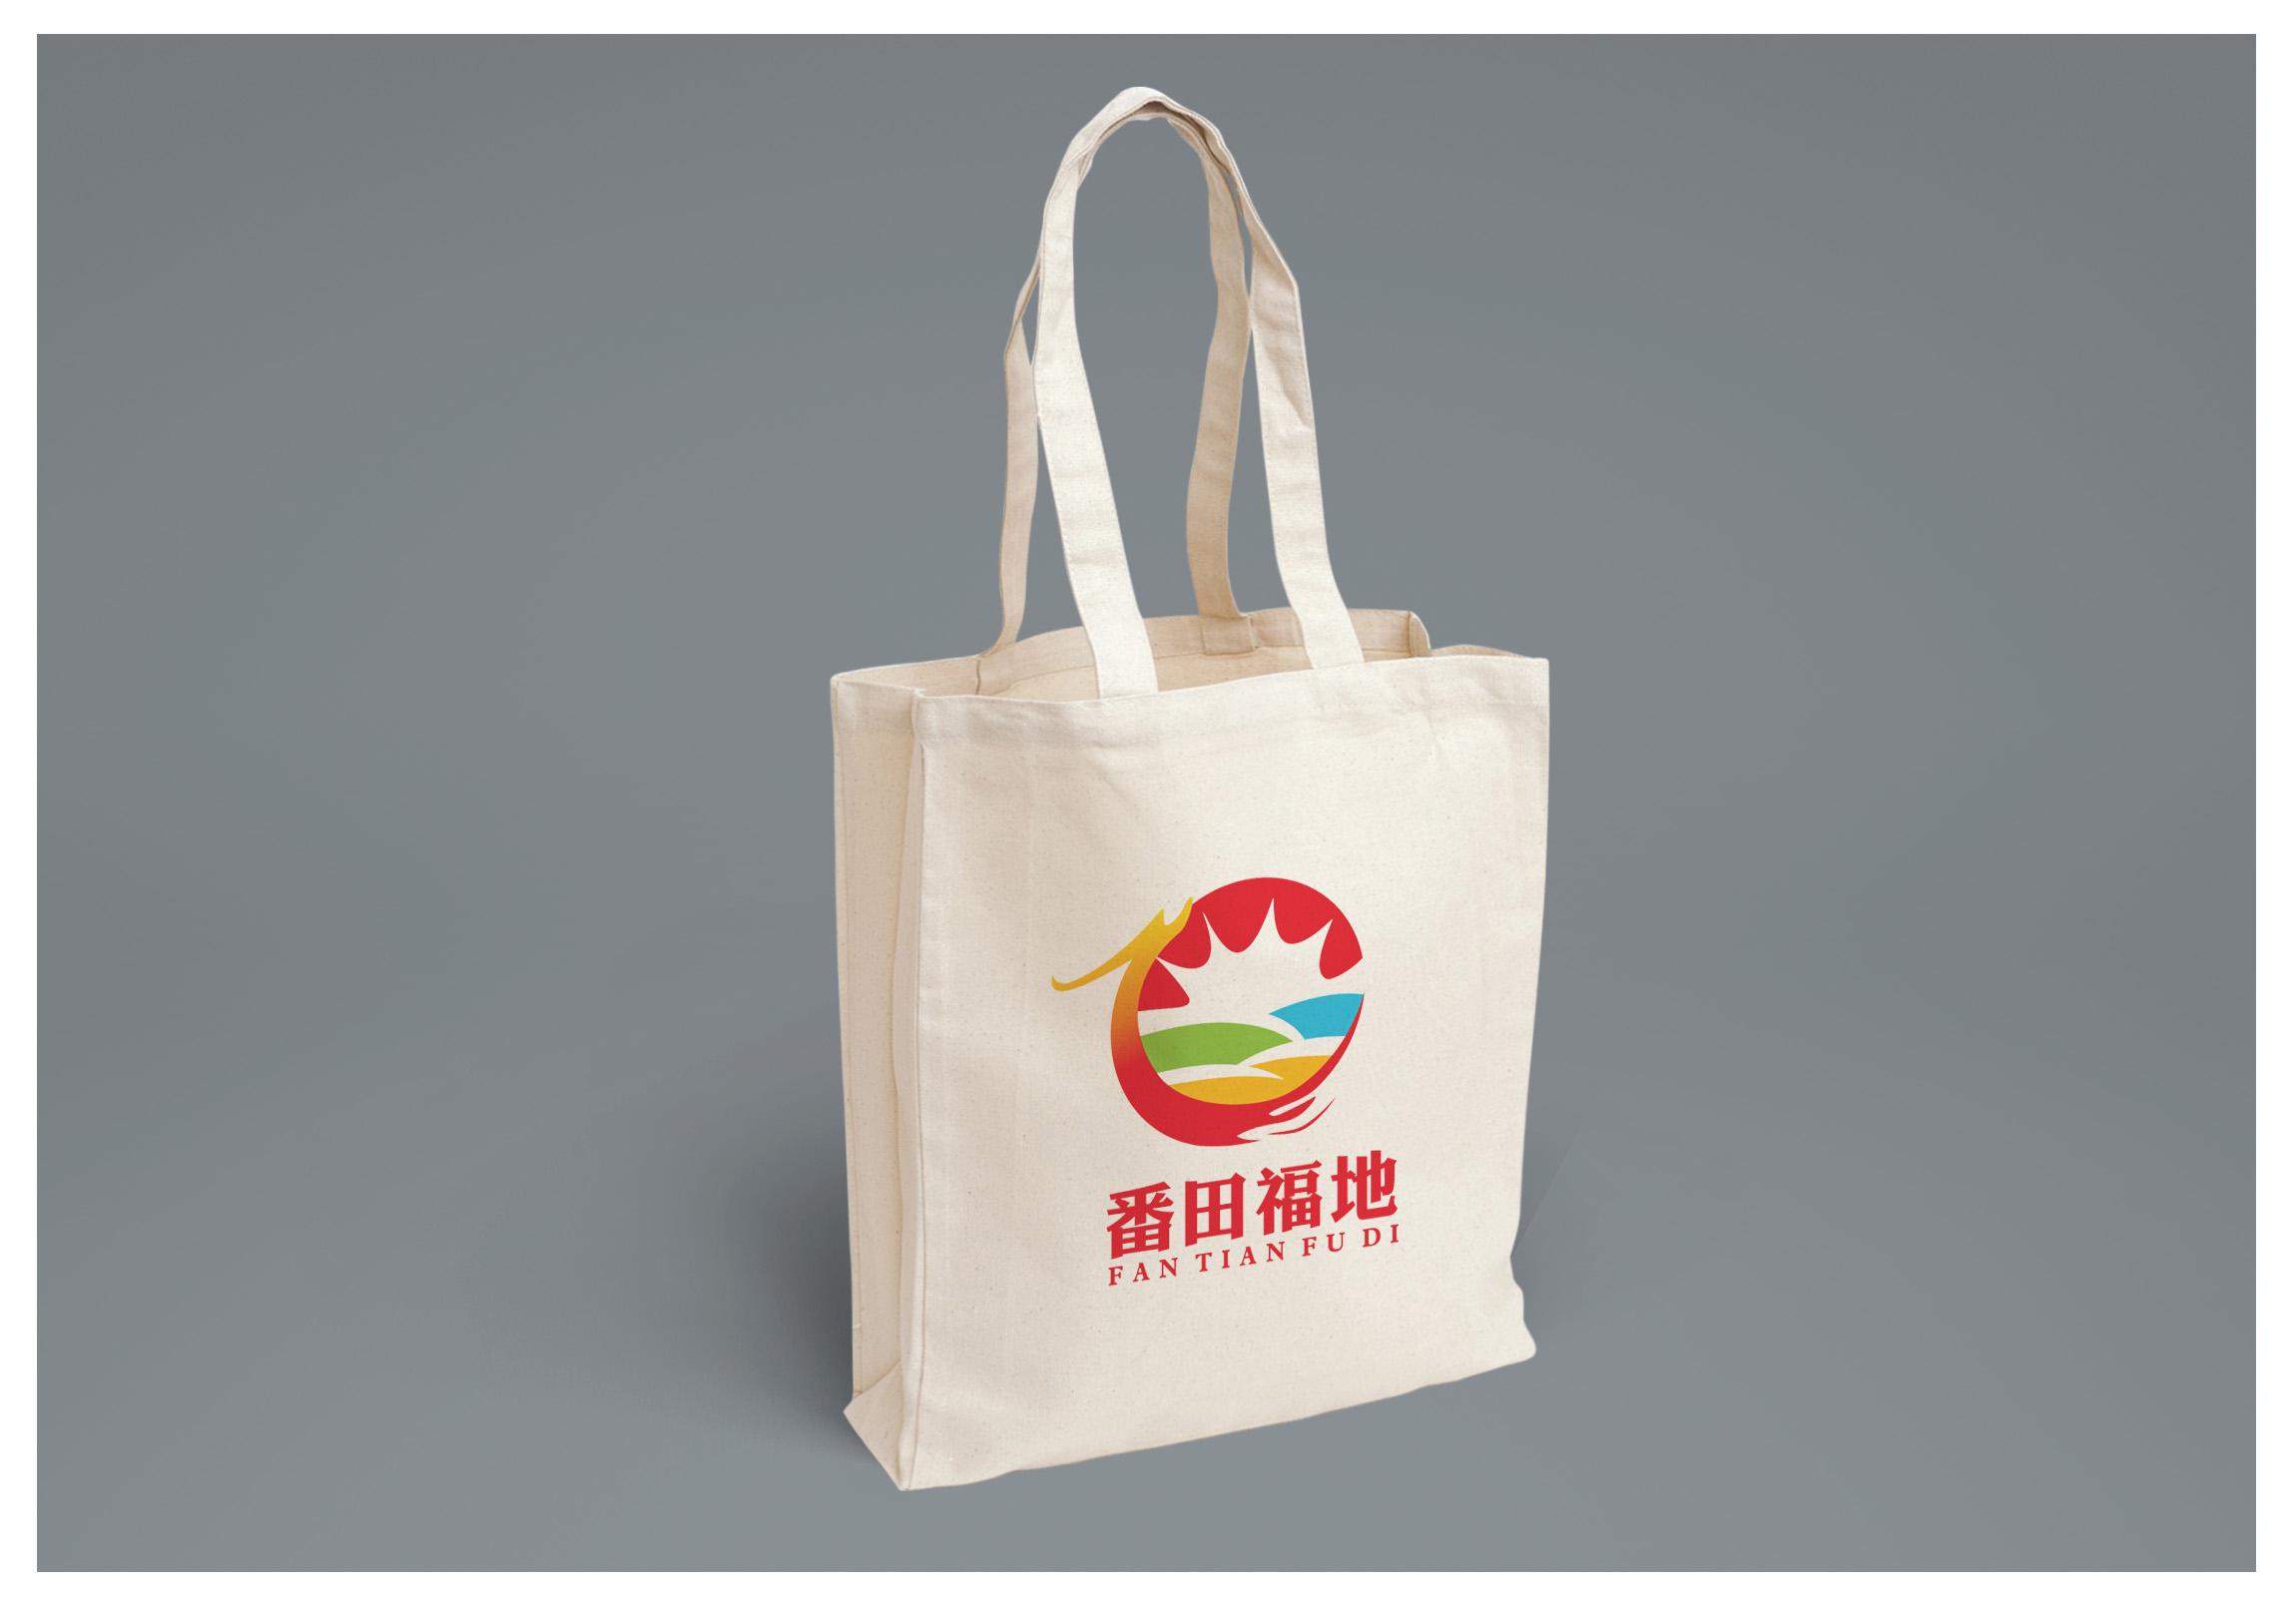 """铁棍山药商标""""番田福地""""logo设计_2959134_k68威客网"""